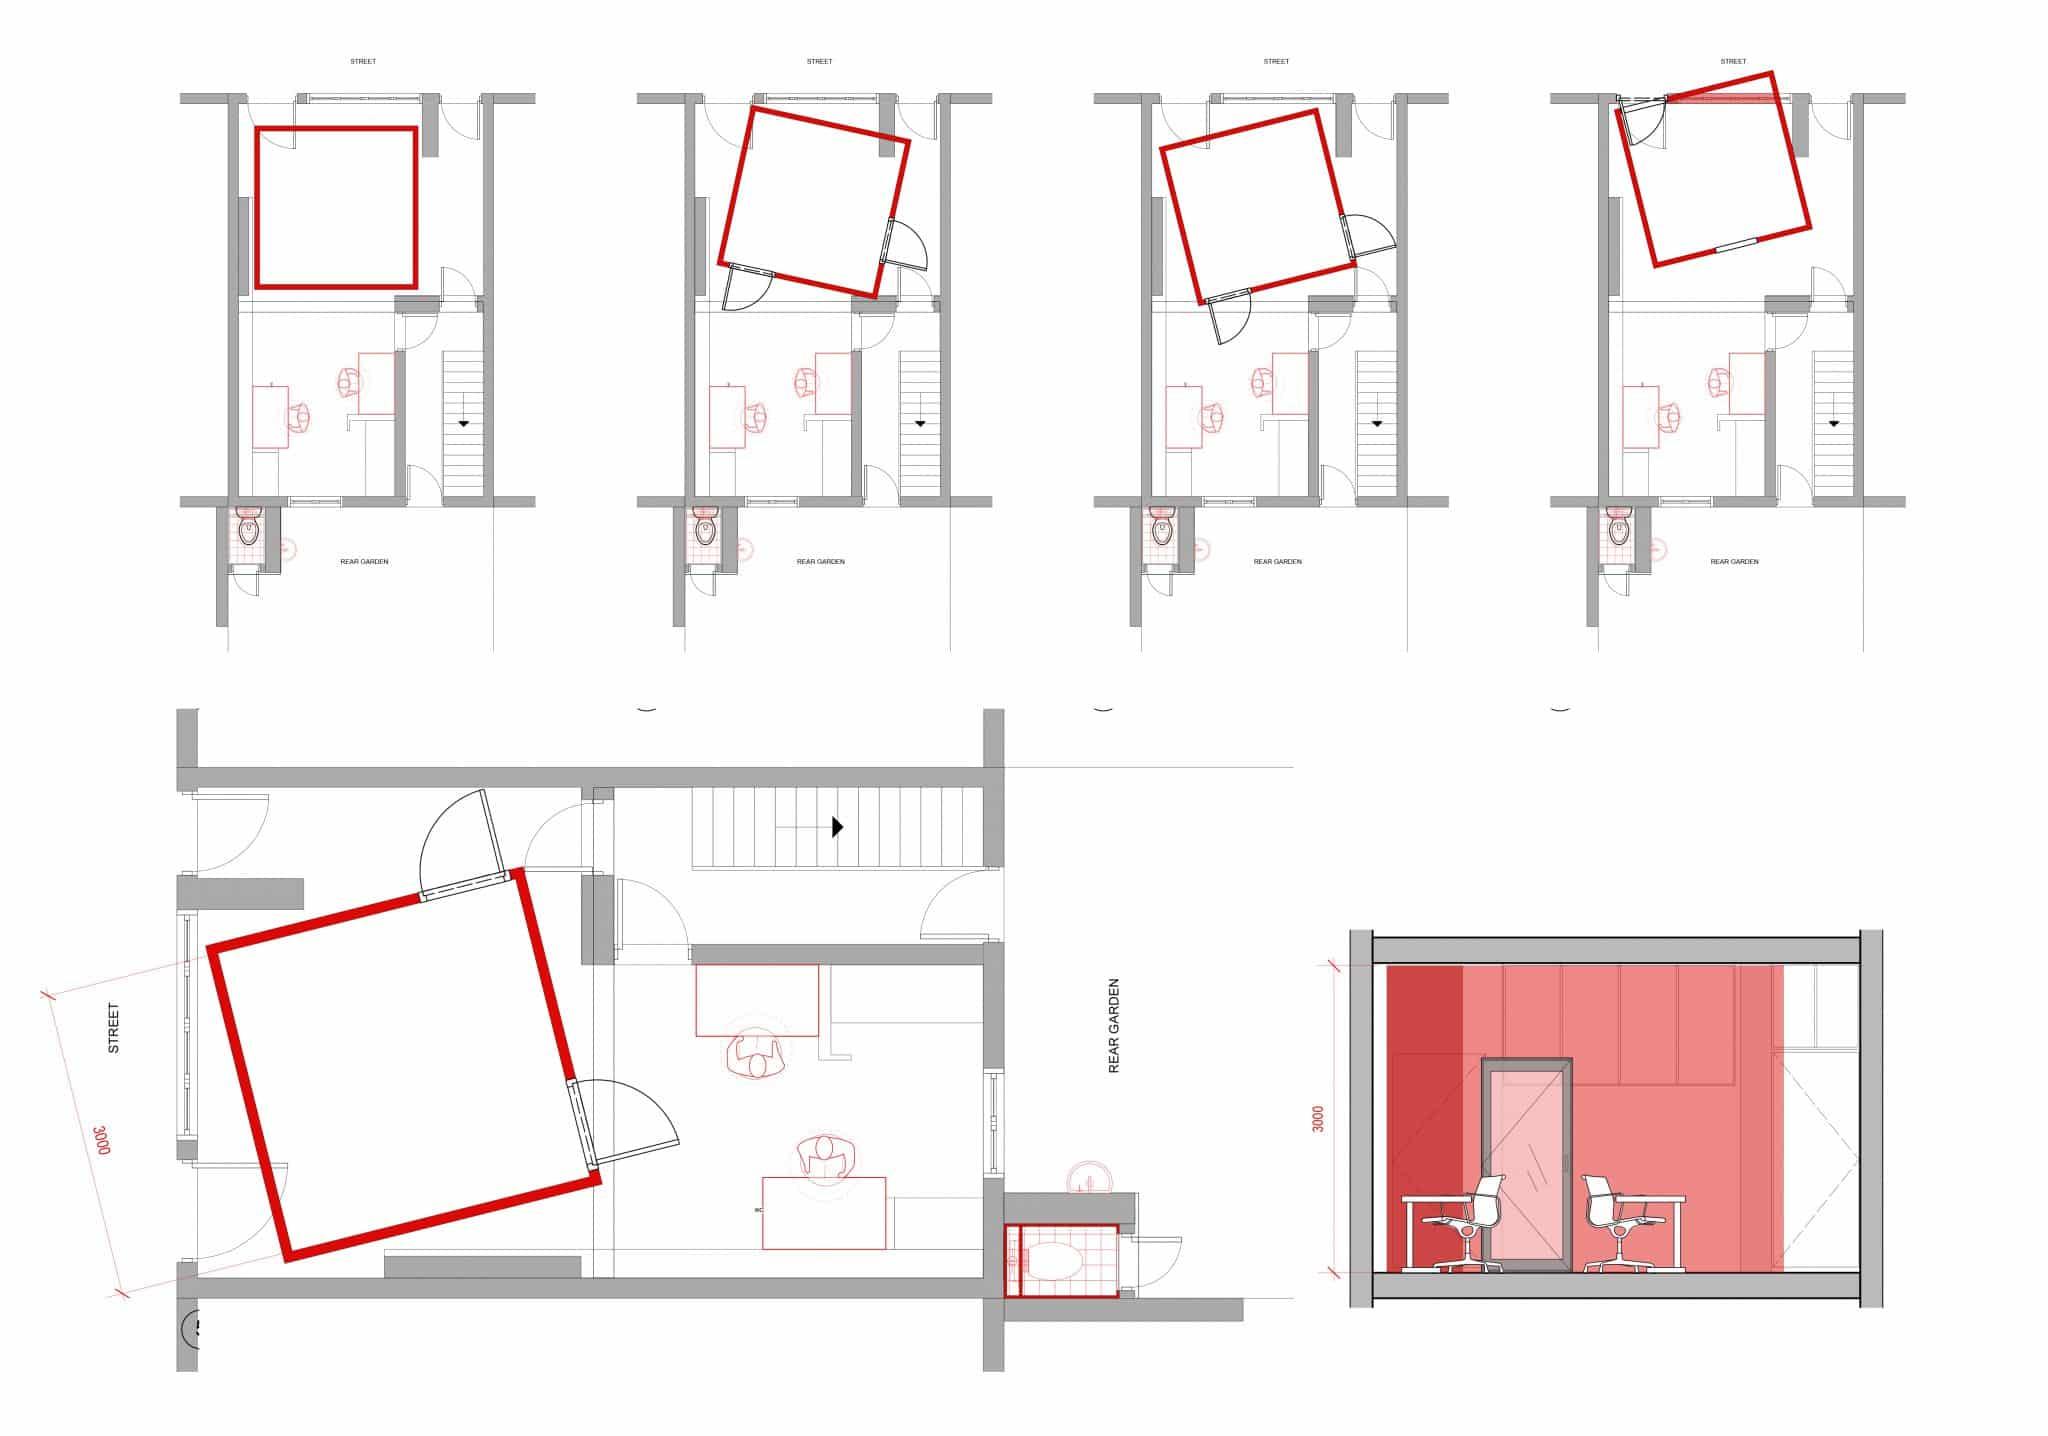 Layout Options 3x3x3 [Sheet Title]